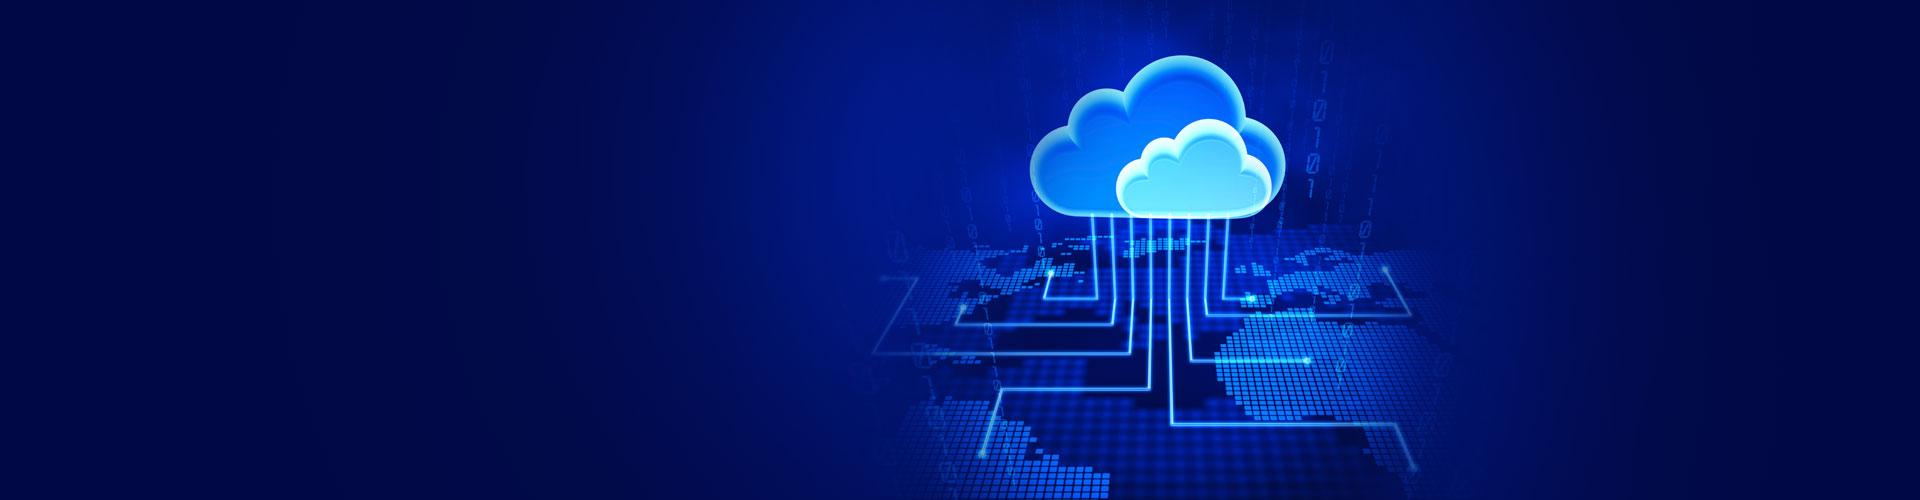 Blog — Small Cloud Tech